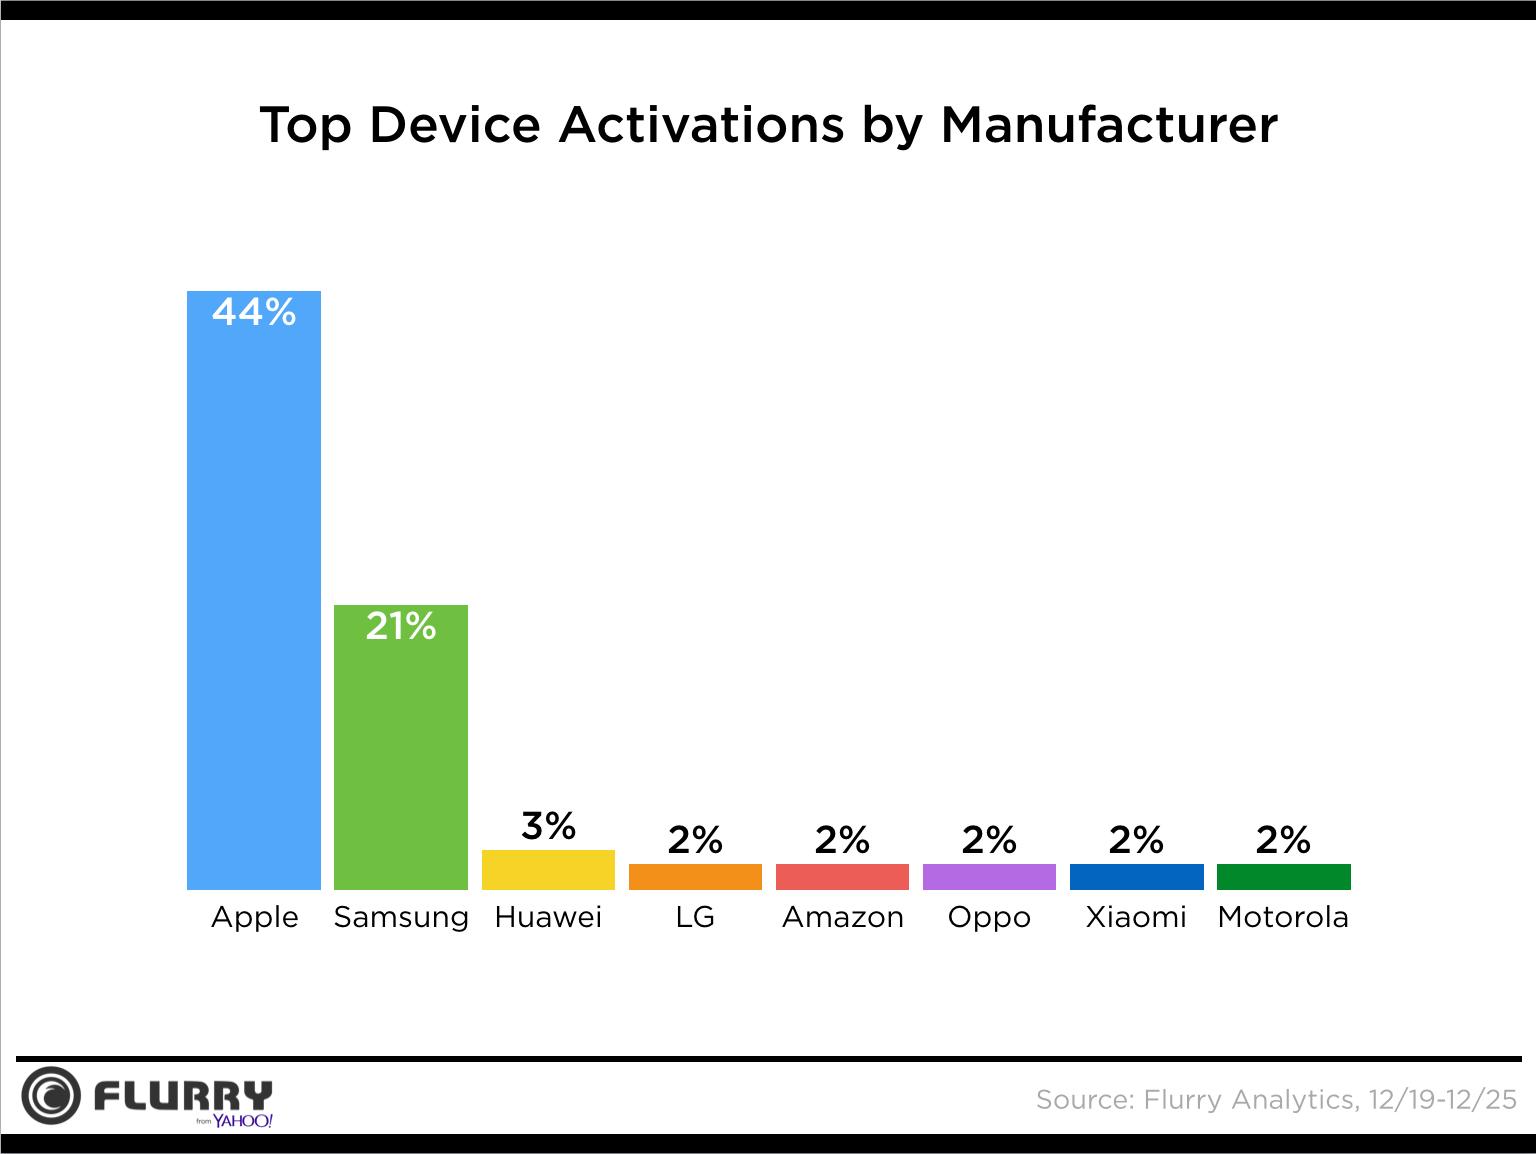 حصص تفعيل الأجهزة الذكية في أعياد 2016